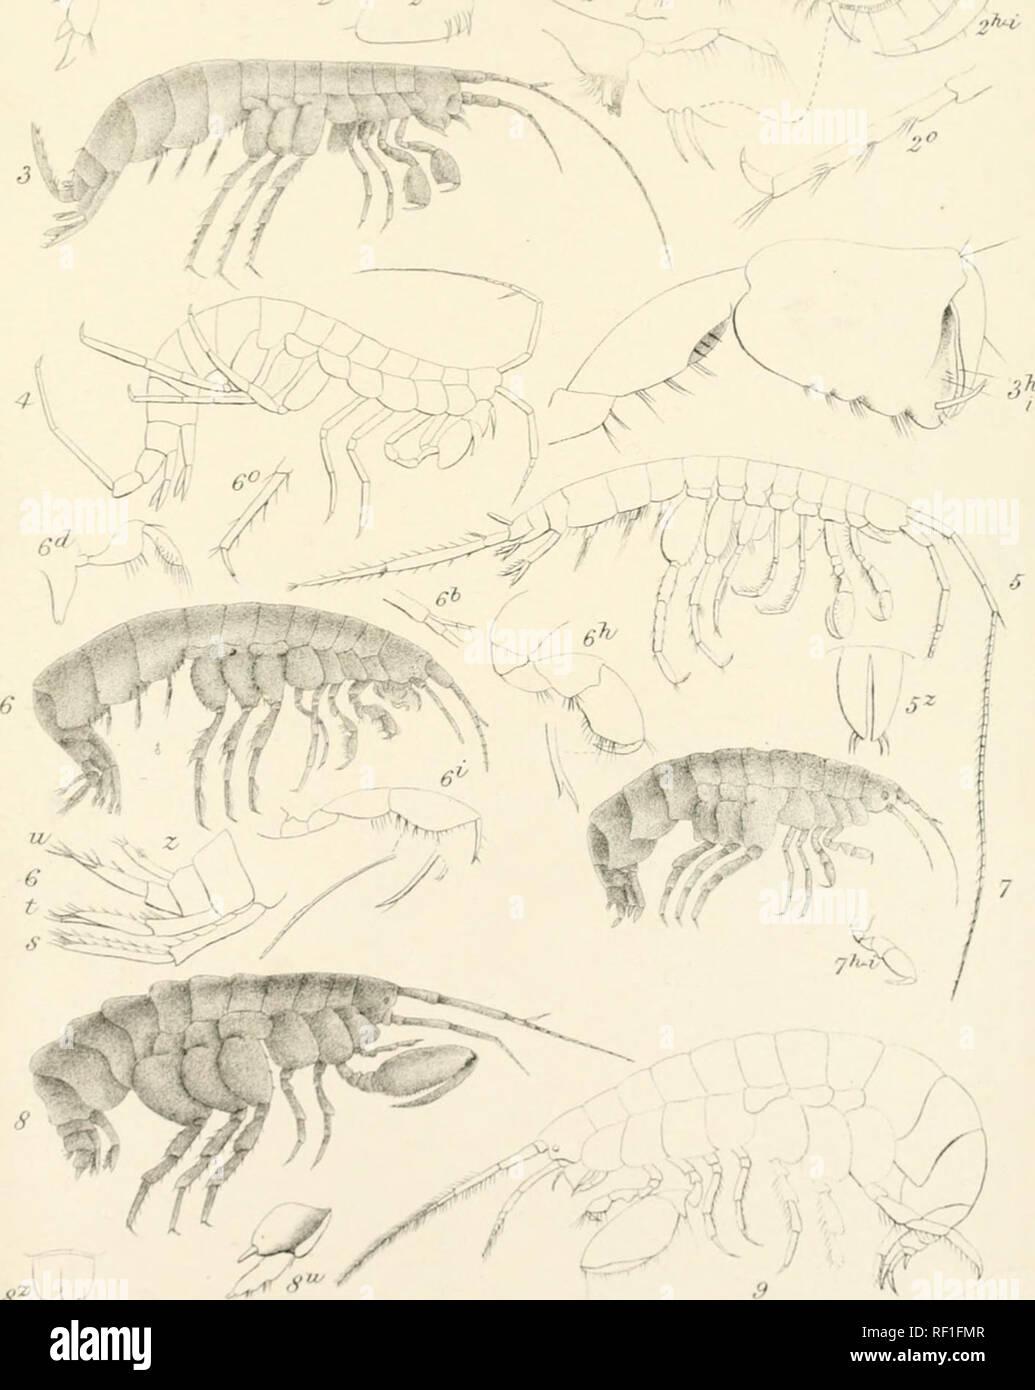 . Catálogo de los especímenes de amphipodous Crustacea en la colección del Museo Británico por C. Spence Bate. Amphipoda. I I 1'. UtaLCS£lltfa.xlb l.Niphar^us sargtus. 2.N.fontanus 3.N.kDchiaaus 4.N.puteanus. S.Eriqpis eJongata.. G.CrangCfnyx Sutterraneus. 7 C.Erraanii. y.Gamraai-allii.hrc/icaiulata. 9. CrBnisi'lieusis.. Por favor tenga en cuenta que estas imágenes son extraídas de la página escaneada imágenes que podrían haber sido mejoradas digitalmente para mejorar la legibilidad, la coloración y el aspecto de estas ilustraciones pueden no parecerse perfectamente a la obra original. Museo Británico (Historia Natural). Dpto. de Zoología; Foto de stock